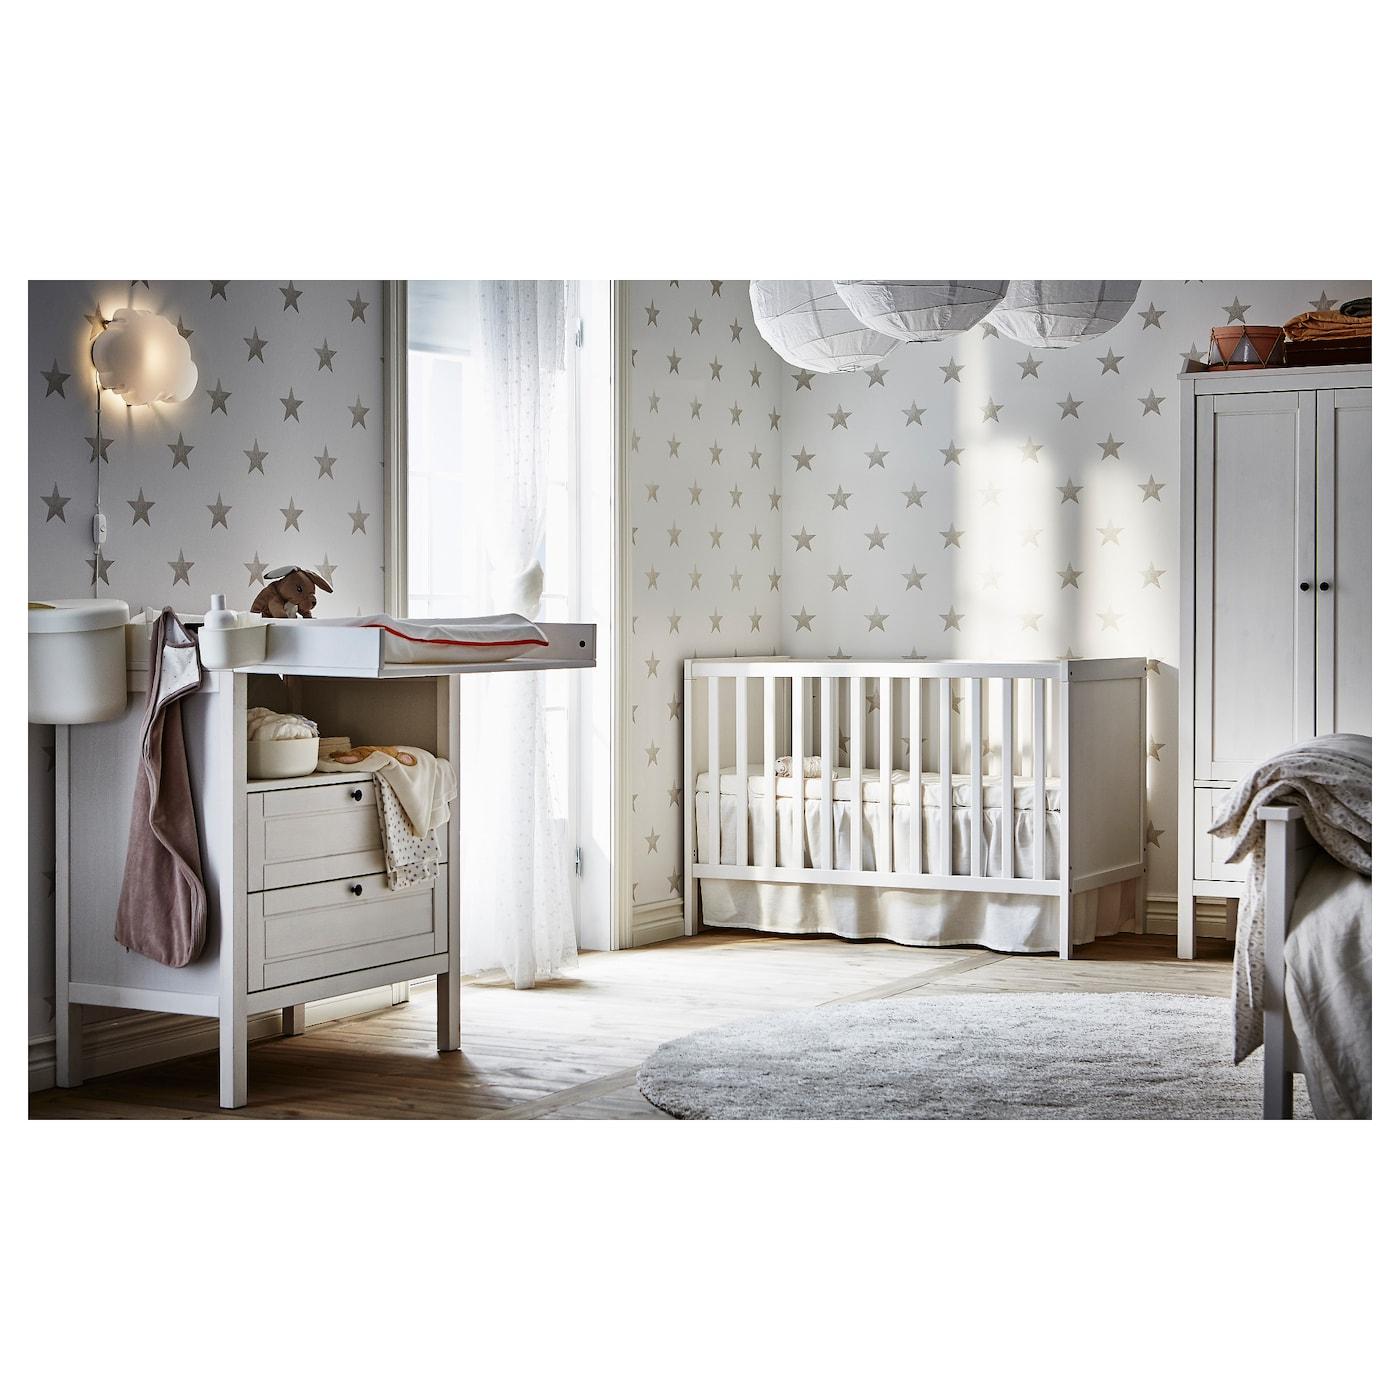 Sundvik Lit Bébé - Blanc 60X120 Cm concernant Rideaux Chambre Bébé Ikea